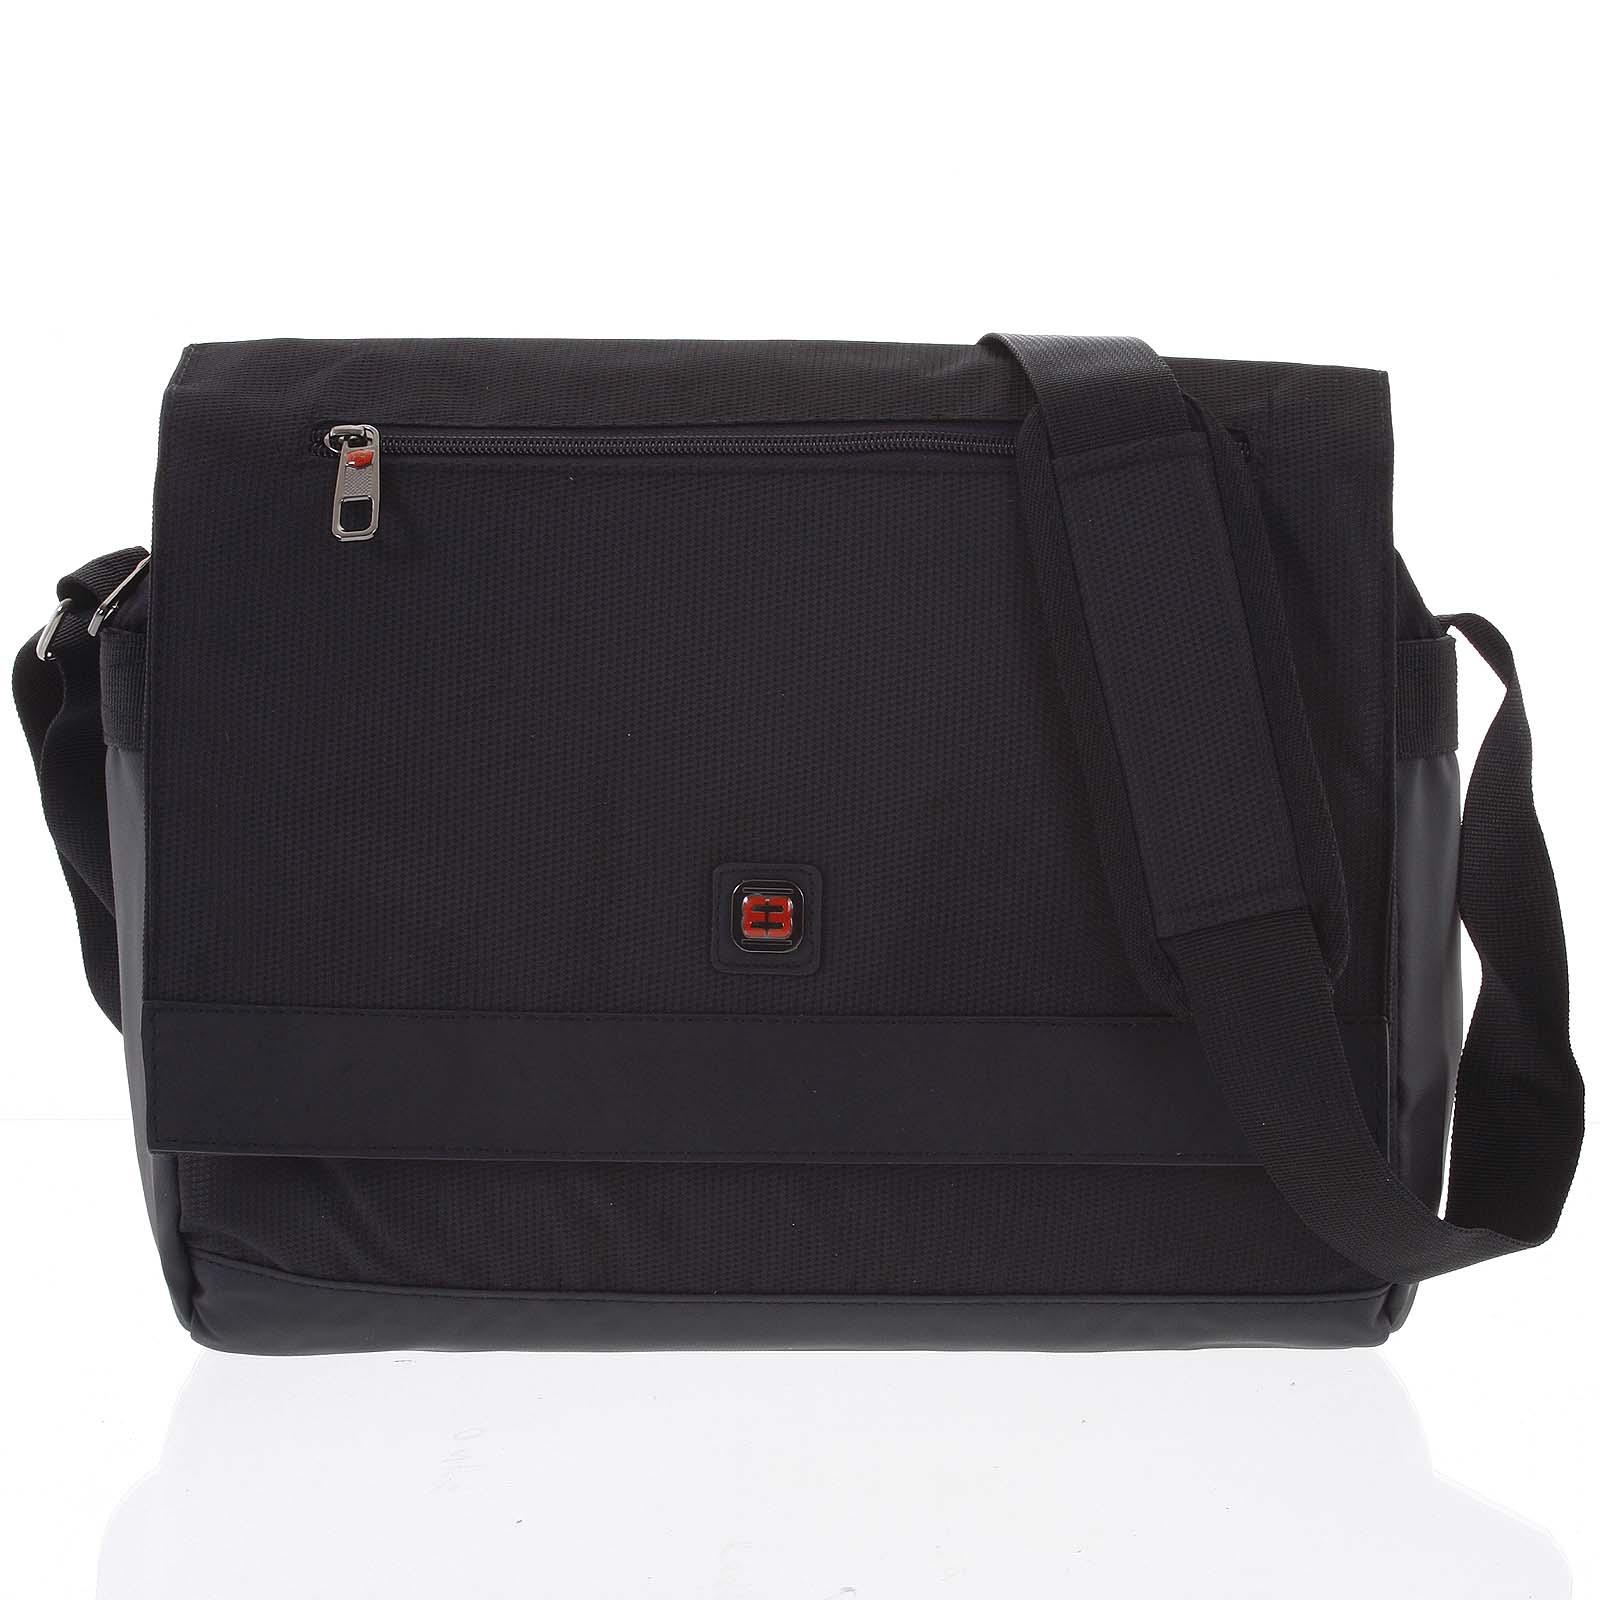 Čierna ľahká taška na notebook - Enrico Benetti Reza